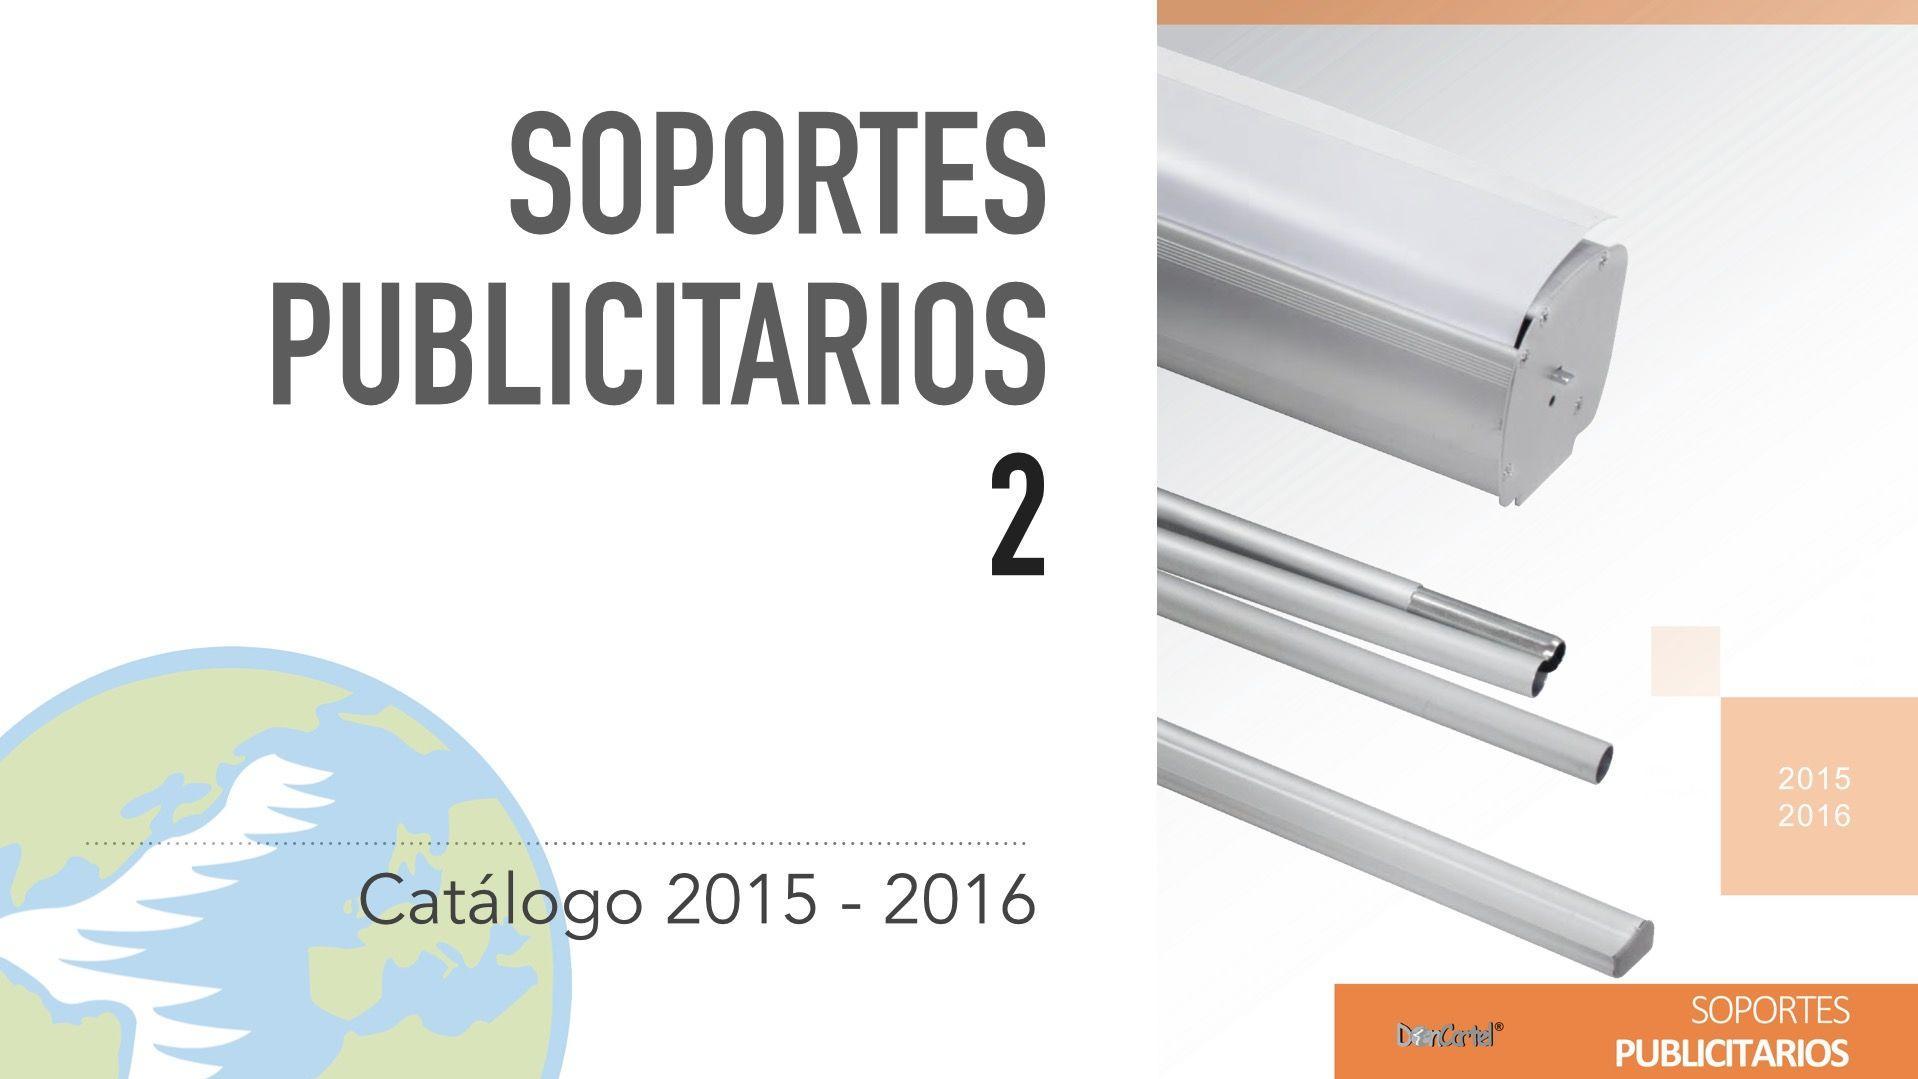 Soportes Publicitarios 2 nuevo video catálogo